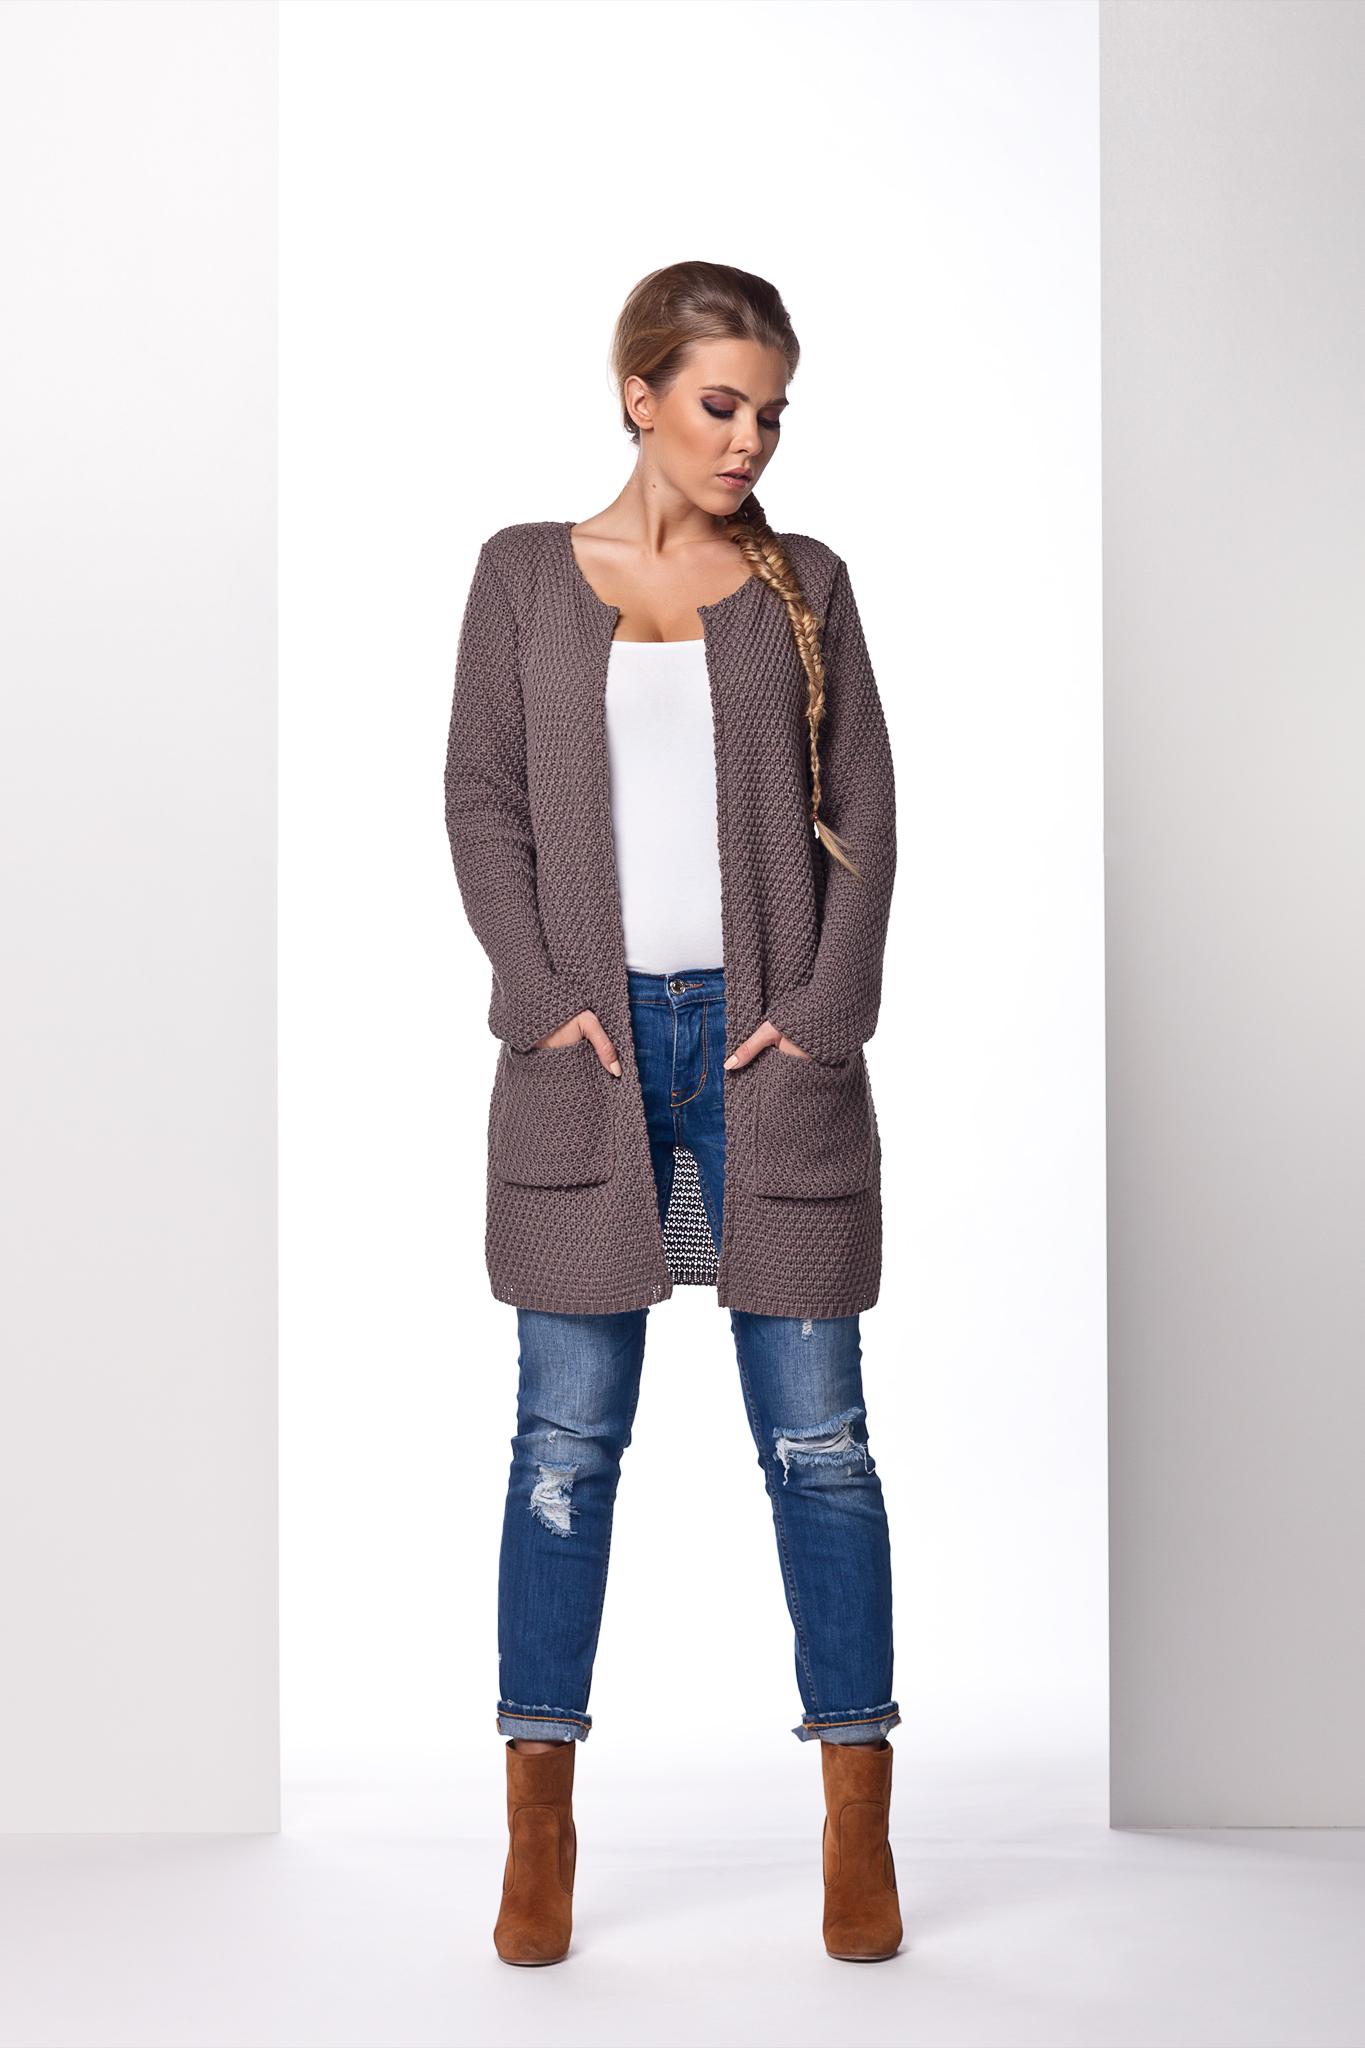 Dlouhý svetr s kapsami, cappucino, jednotná